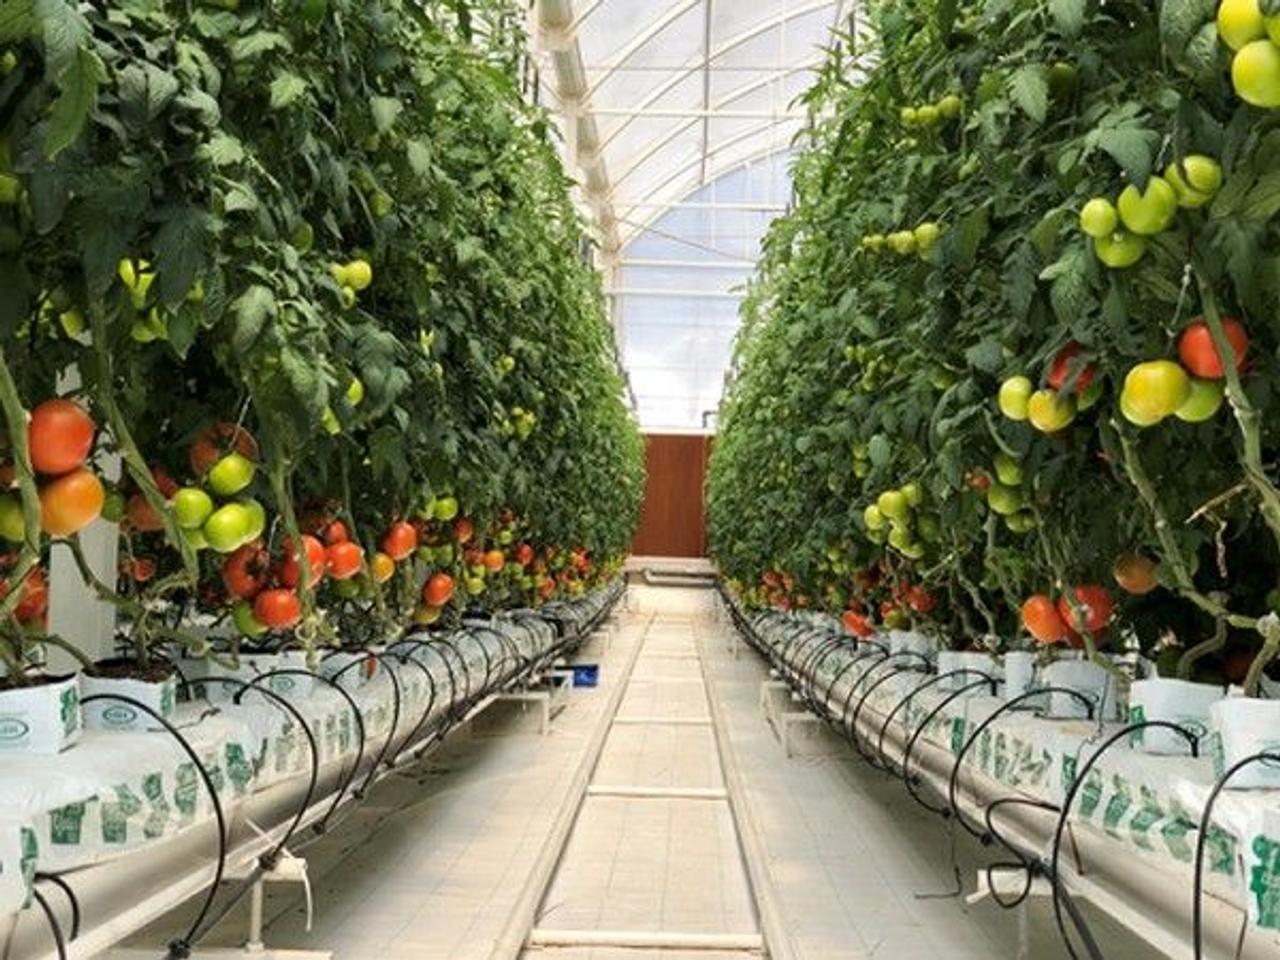 Panasonic разработал IT-теплицу для выращивания овощей, которой можно управлять за тысячи километров